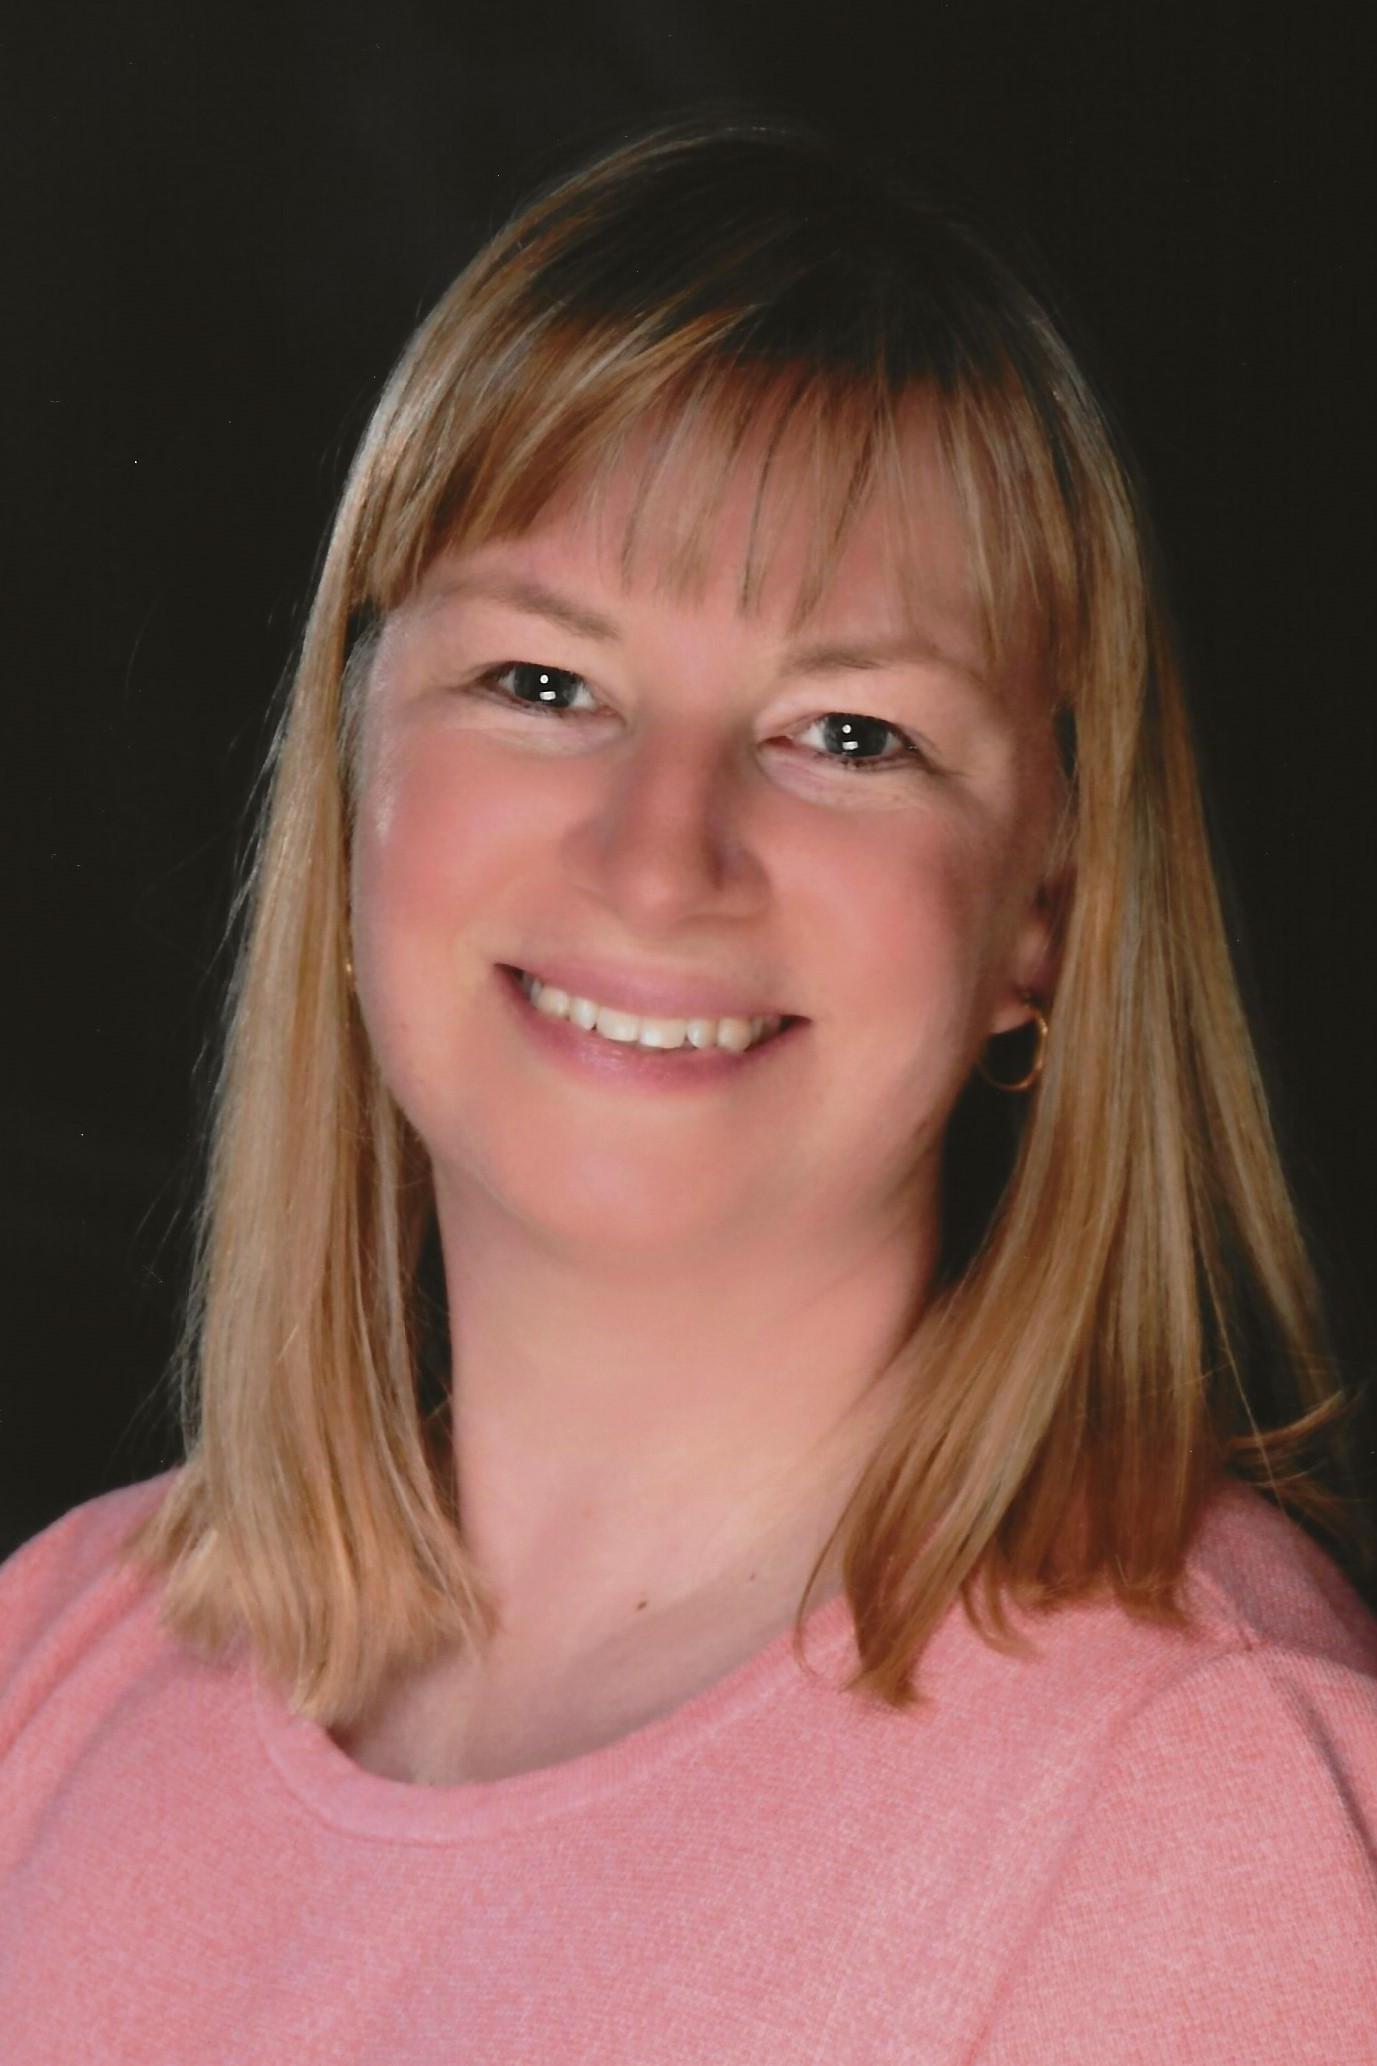 Michelle Morton-Curit Portrait Photo